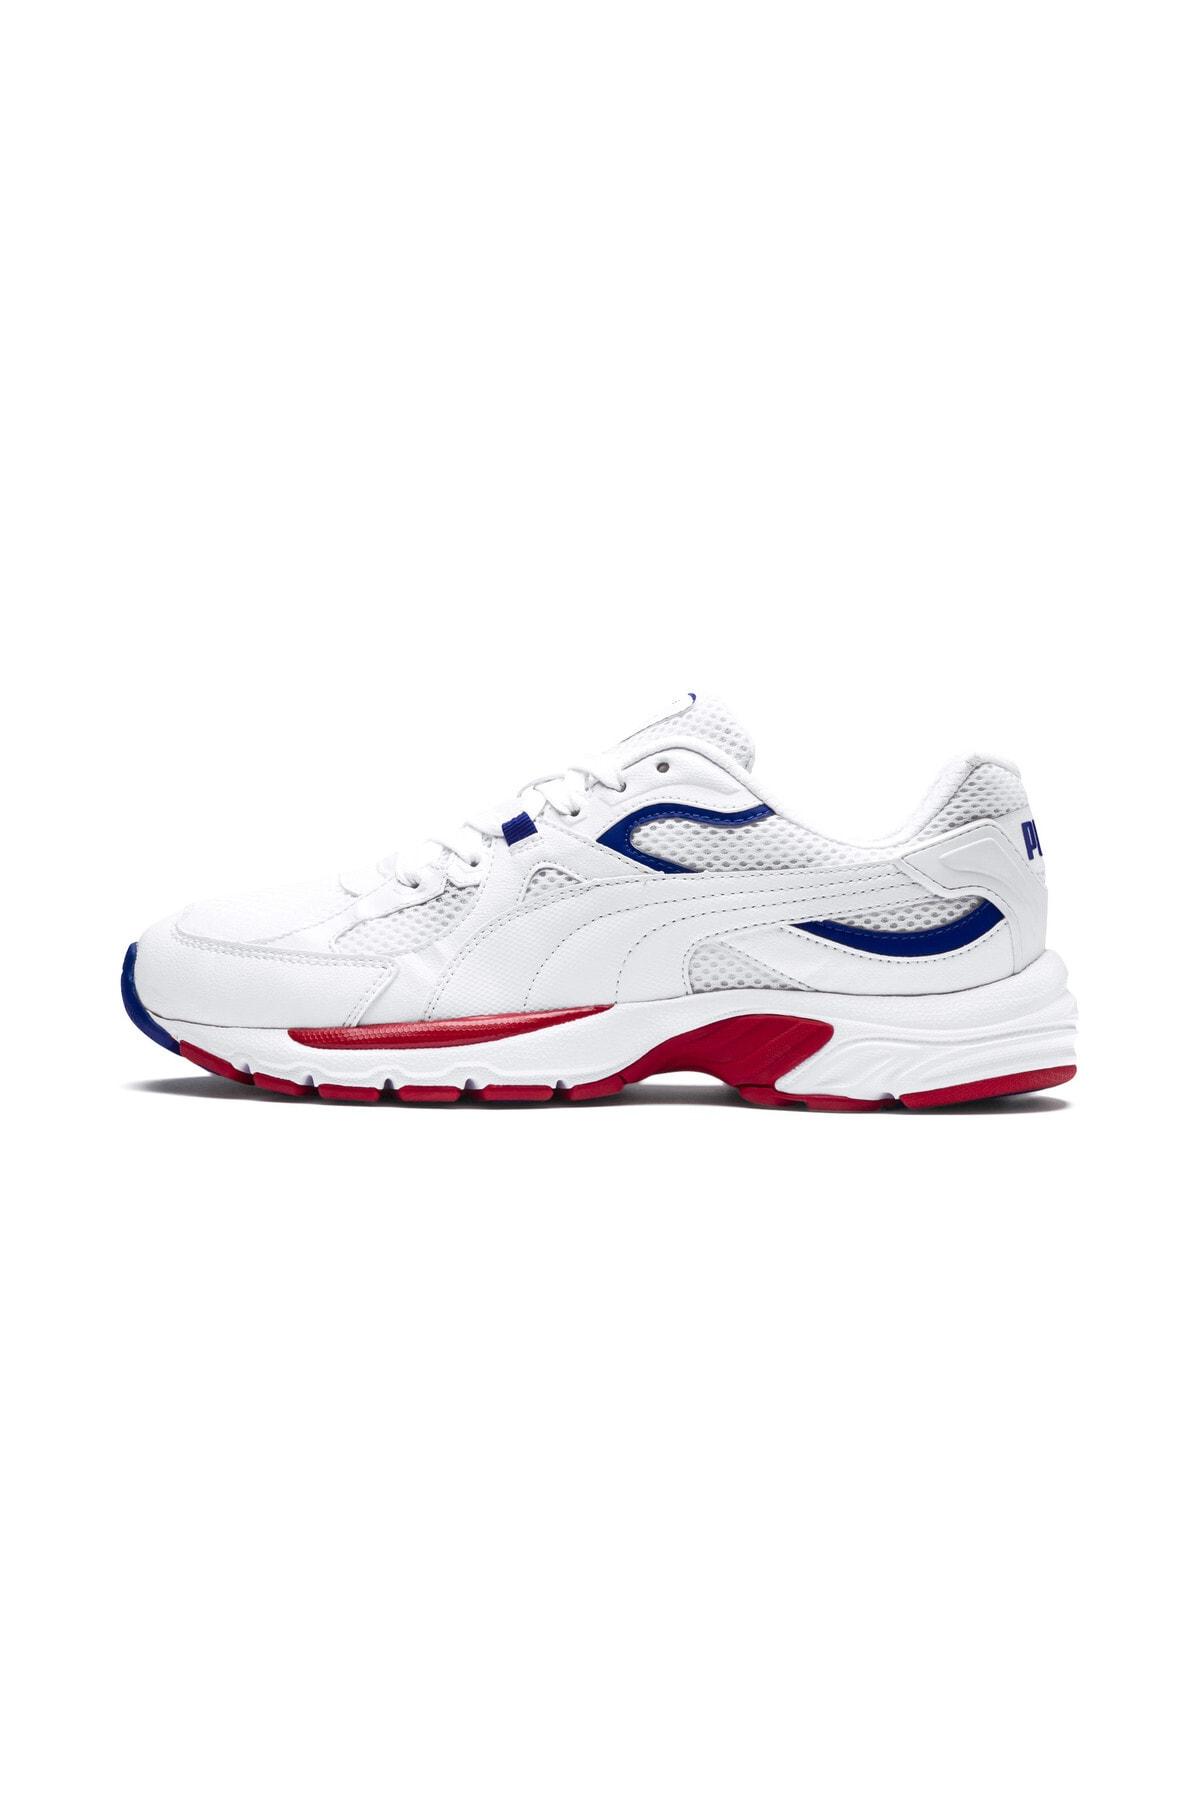 کفش اسپرت پاییزی مردانه برند پوما کد ty101932224